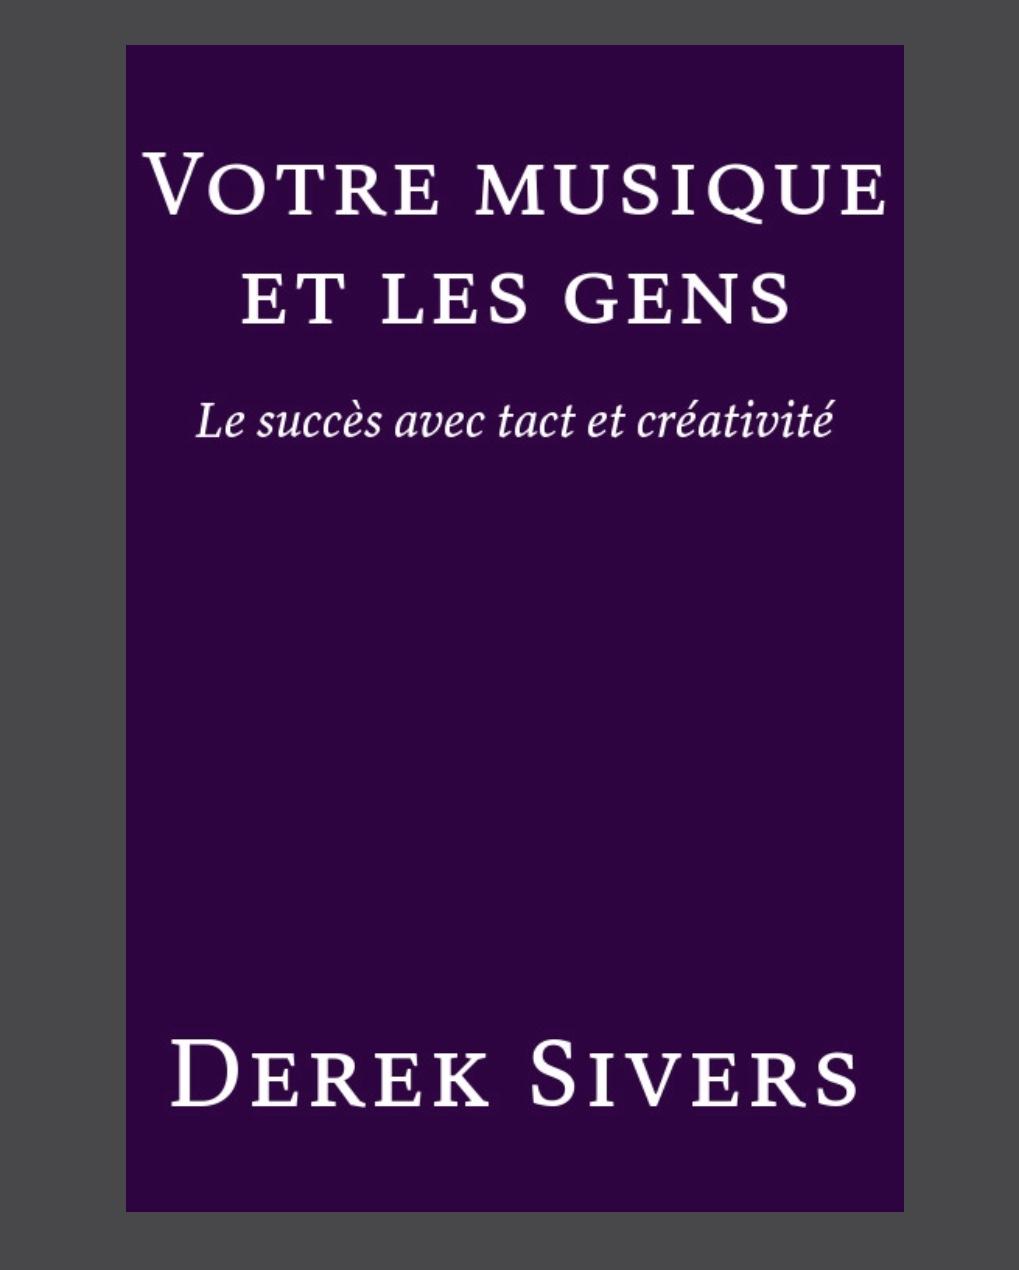 """""""Votre musique et les gens"""" de Derek Sivers"""